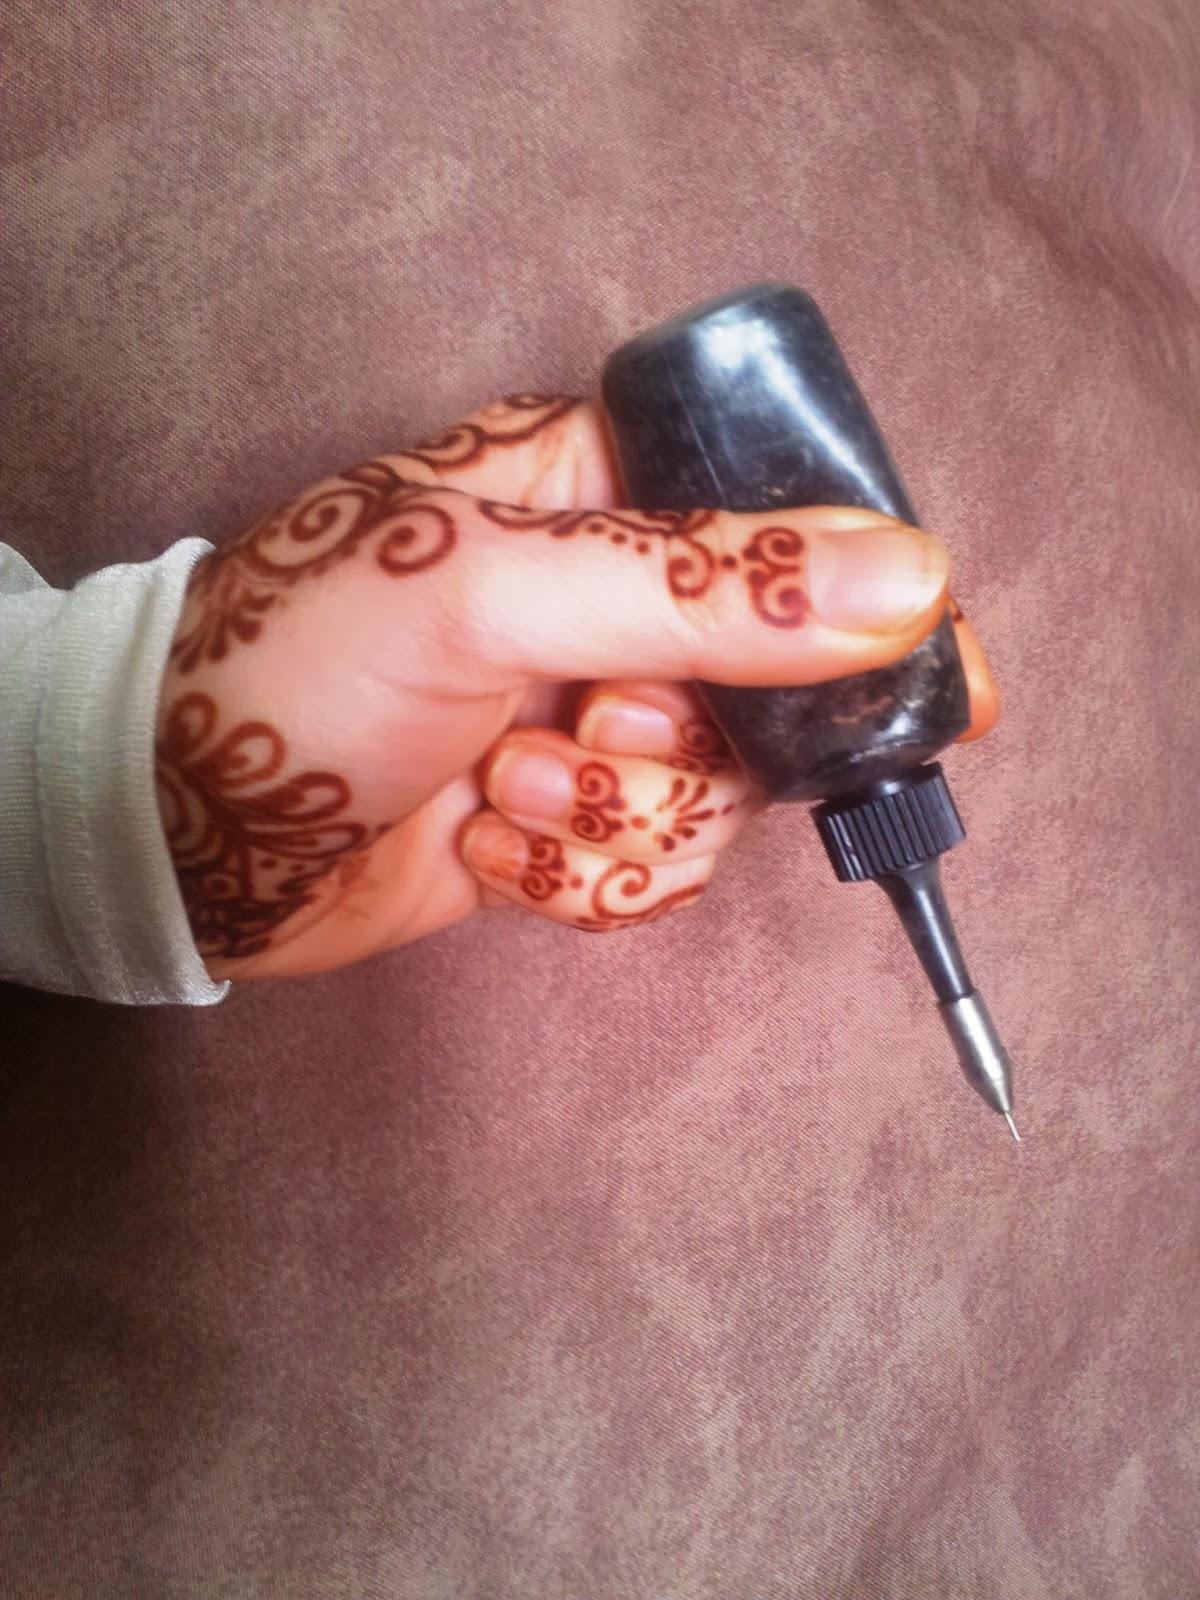 stylo henné pour tatouage - Stylo et feutre pour faire un tatouage temporaire unique